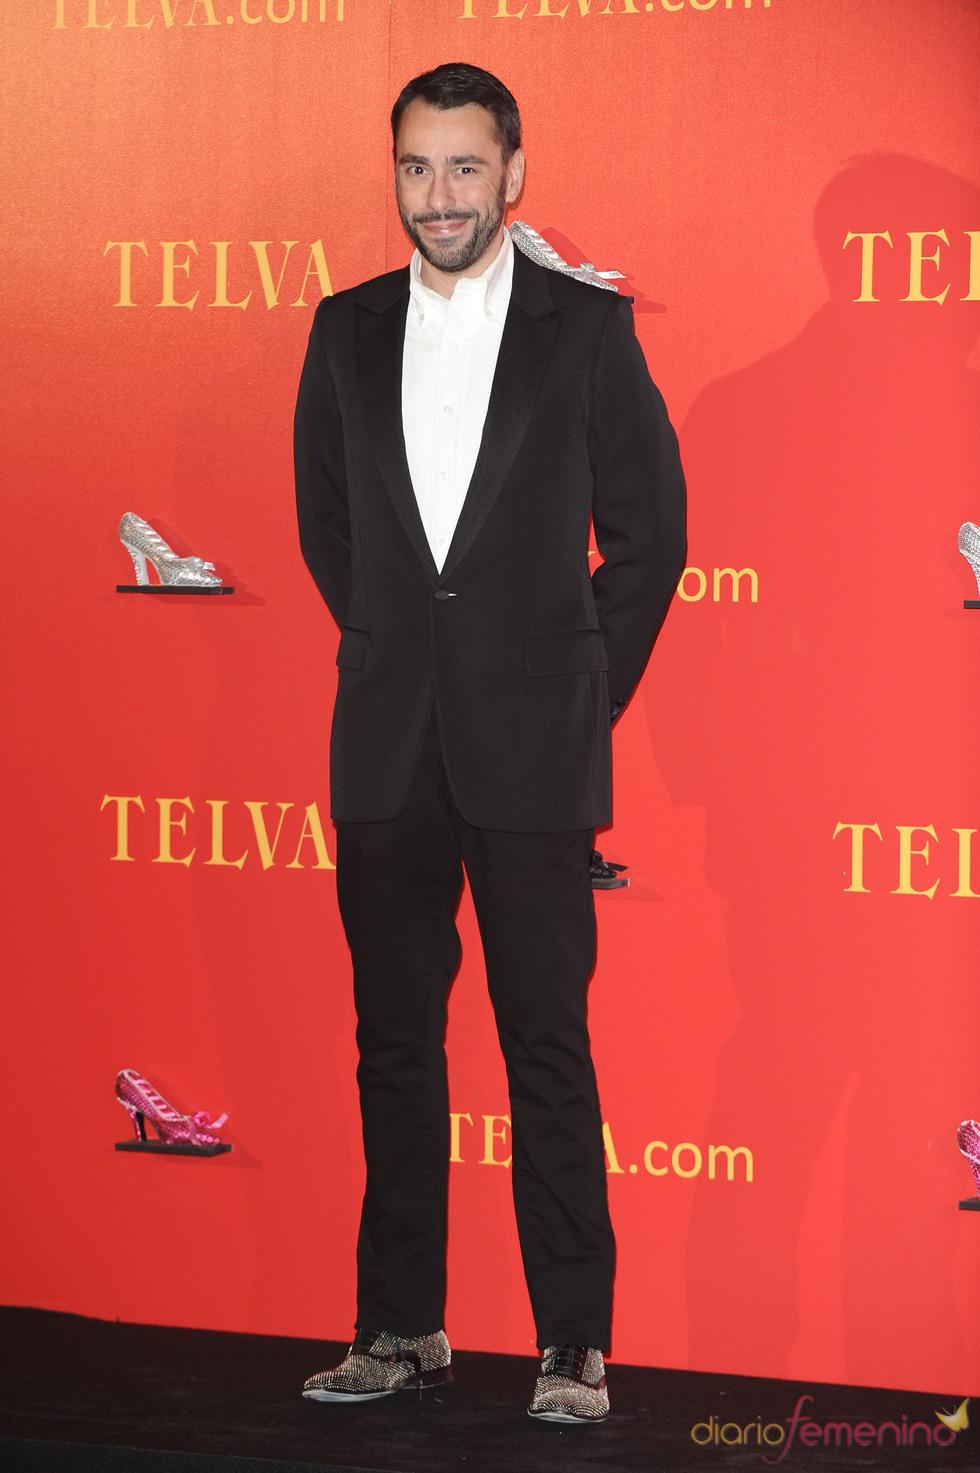 Premios Telva 2010 con Juanjo Oliva